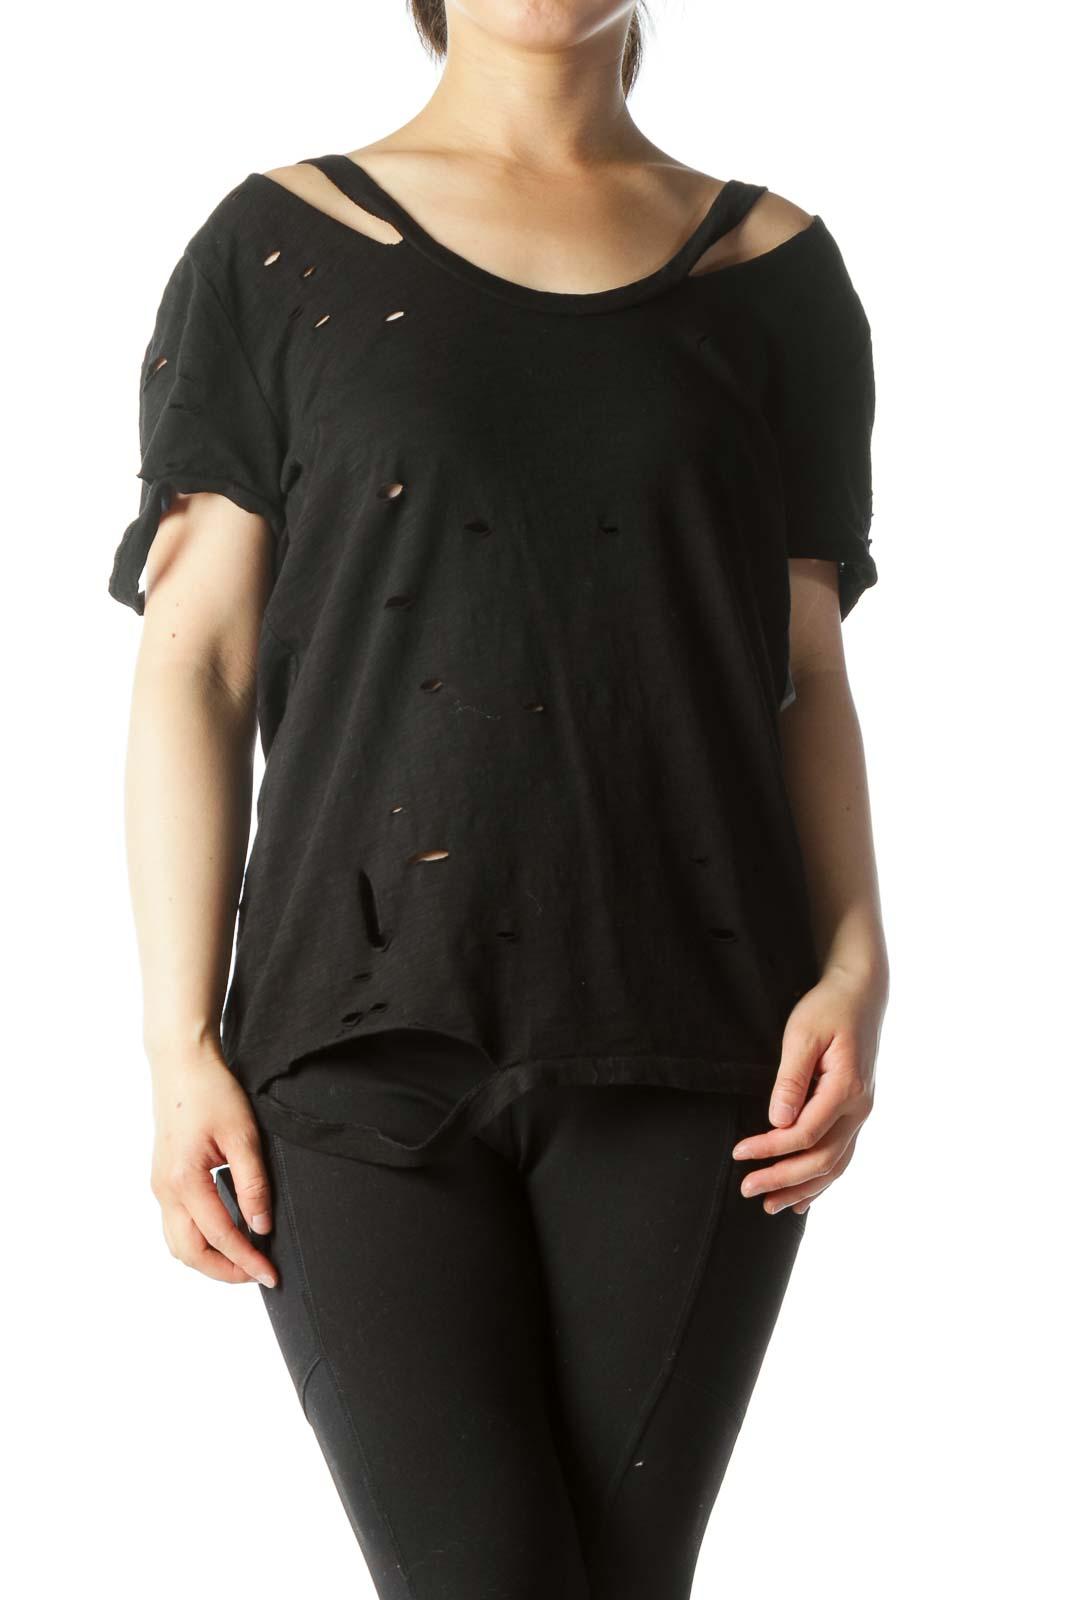 Black Distress Design Short-Sleeve T-Shirt